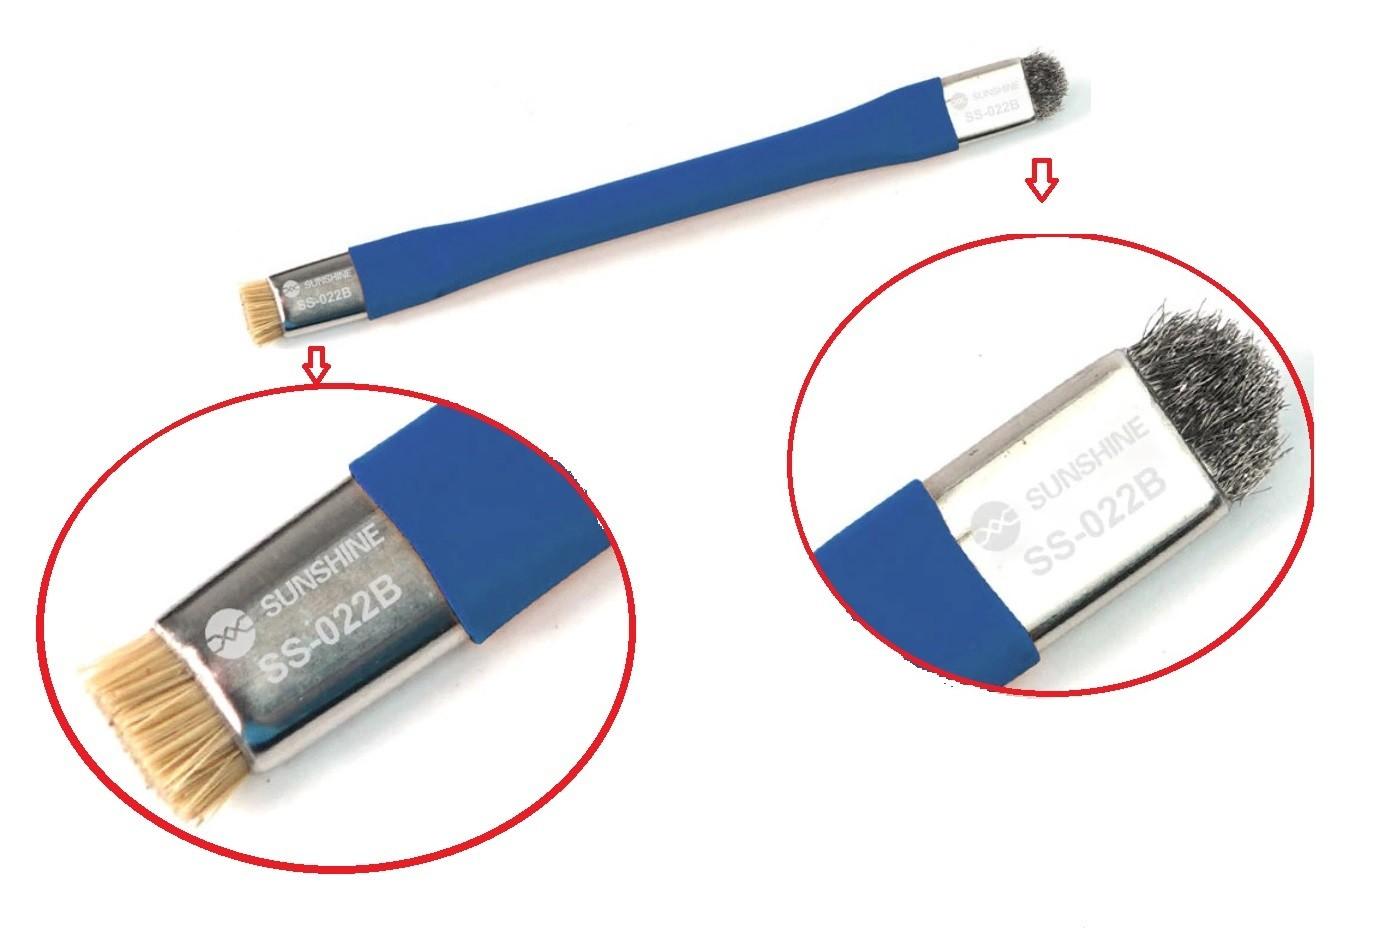 Sunshine SS-022B Escova de limpeza anti estática de duas cabeças para reparo de PCB de celulars